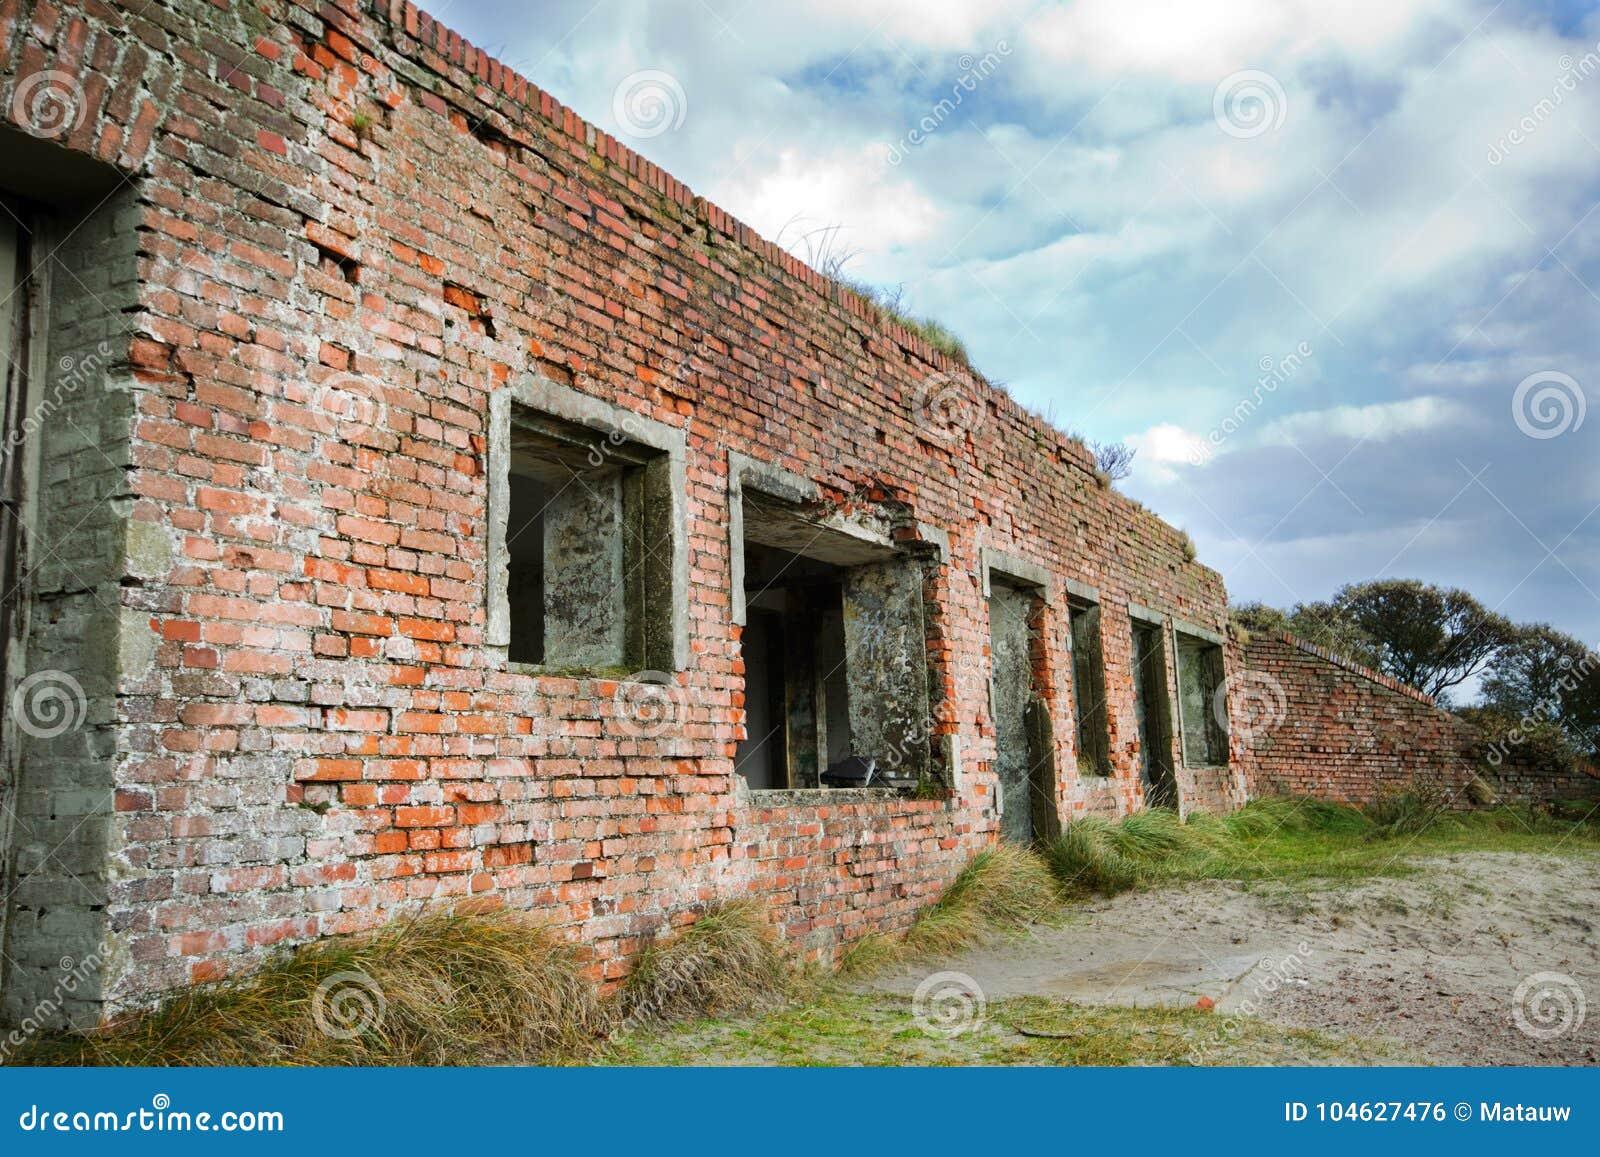 Download Resten Van Atlantikwall In De Duinen Stock Foto - Afbeelding bestaande uit muur, gebroken: 104627476